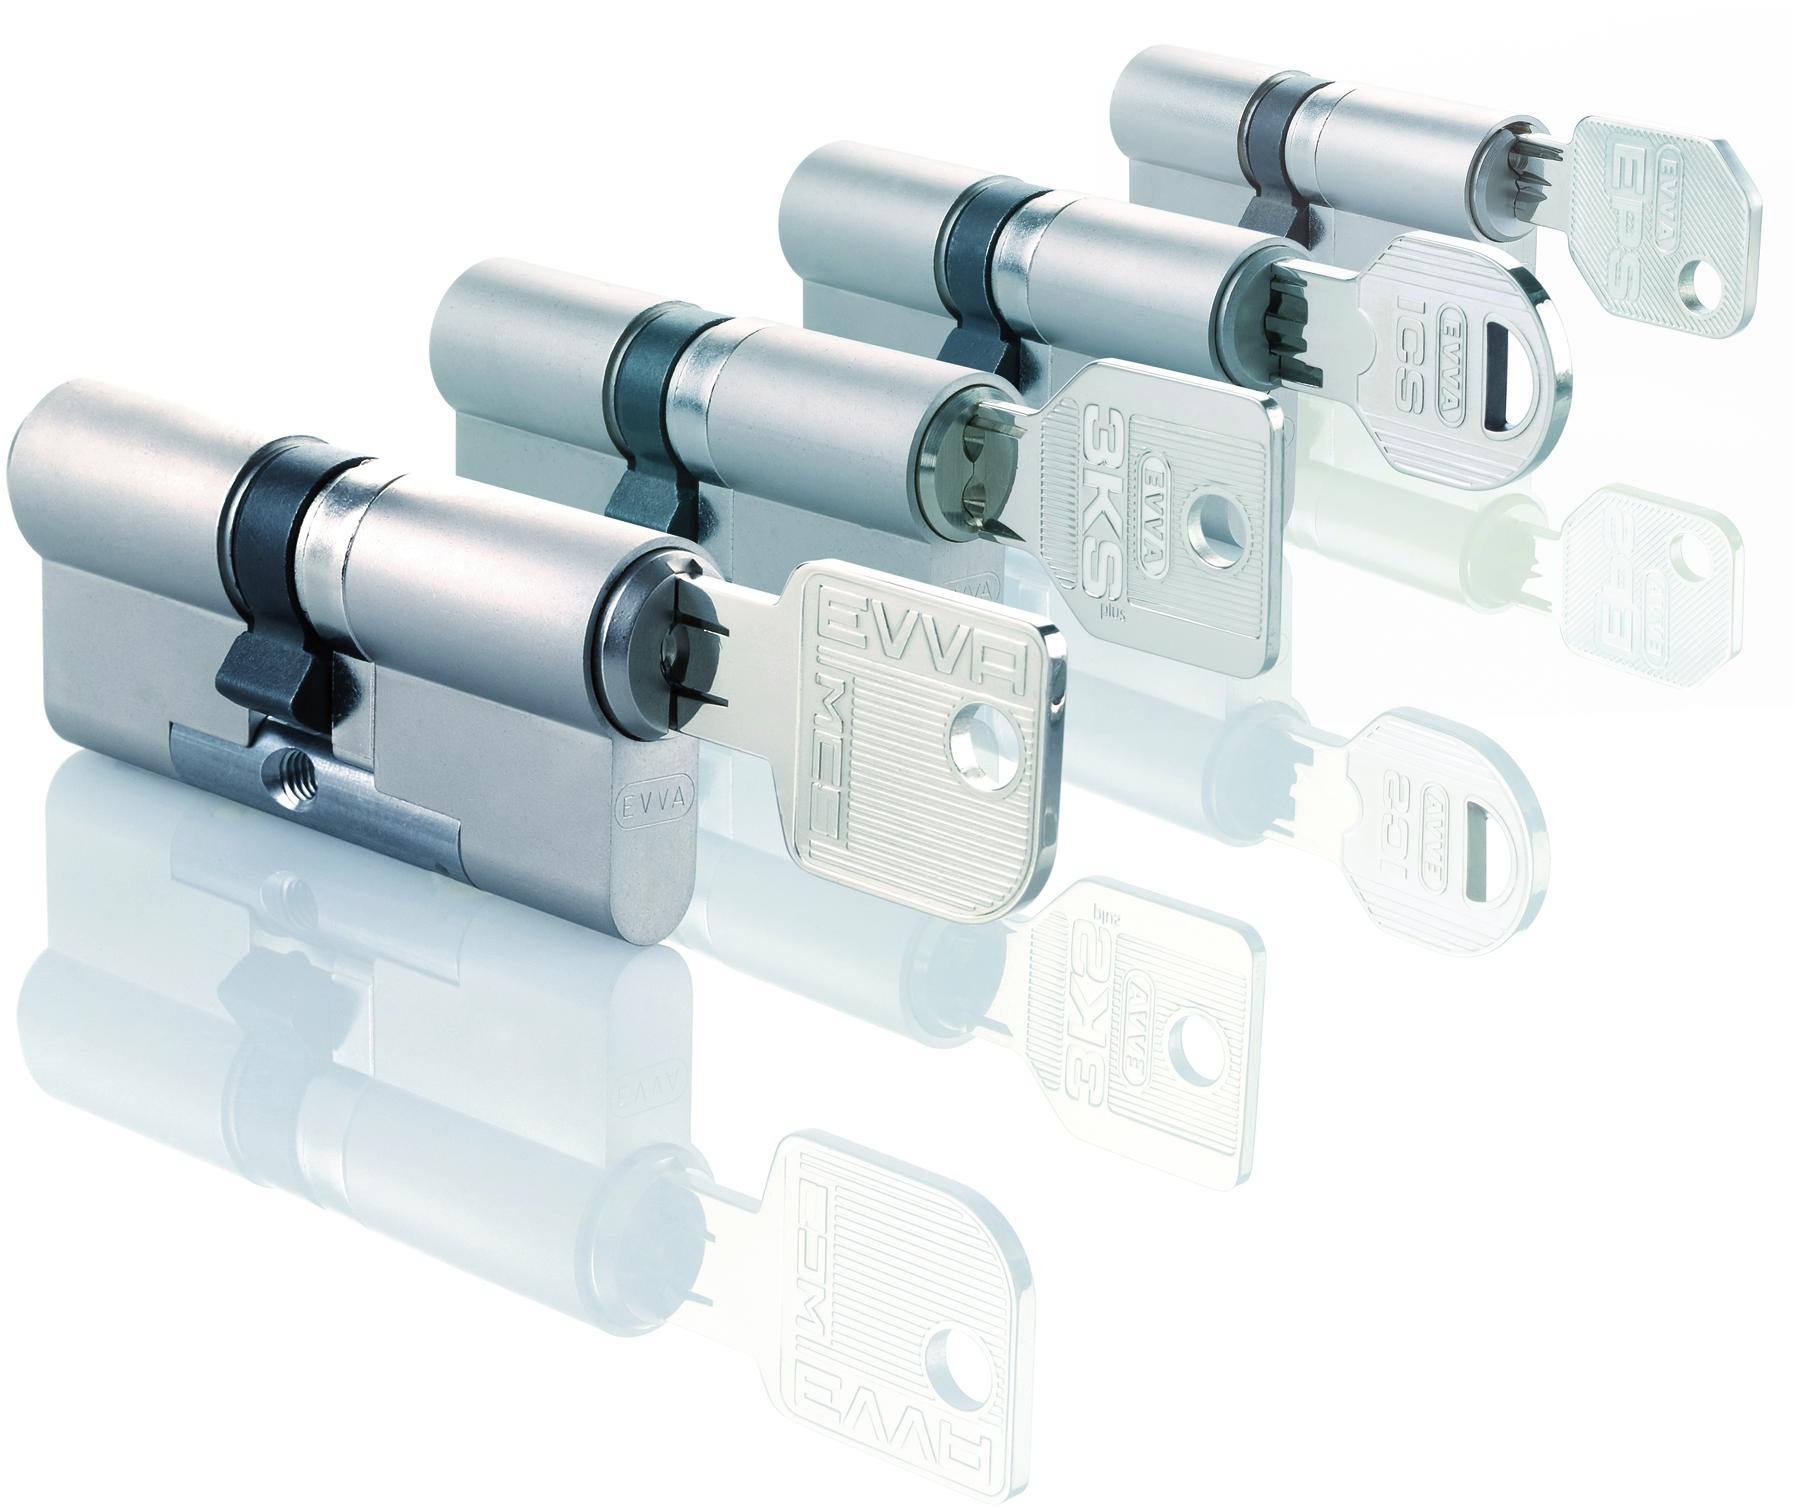 installation de serrures / cylindres de sécurité